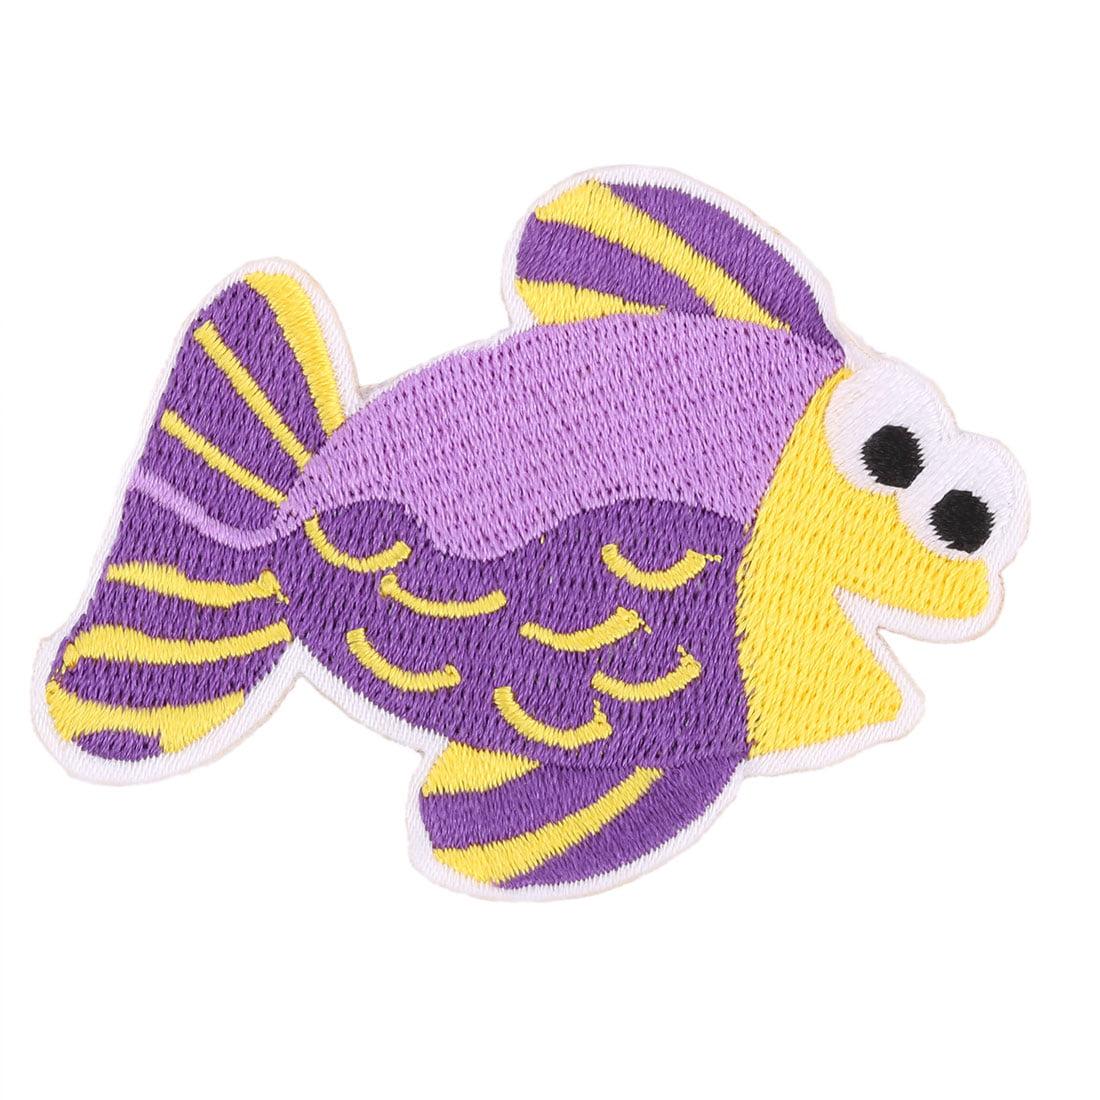 Unique Bargains Polyester Fish Design Embroidered DIY Clothes Patch Decor Lace Applique Colorful